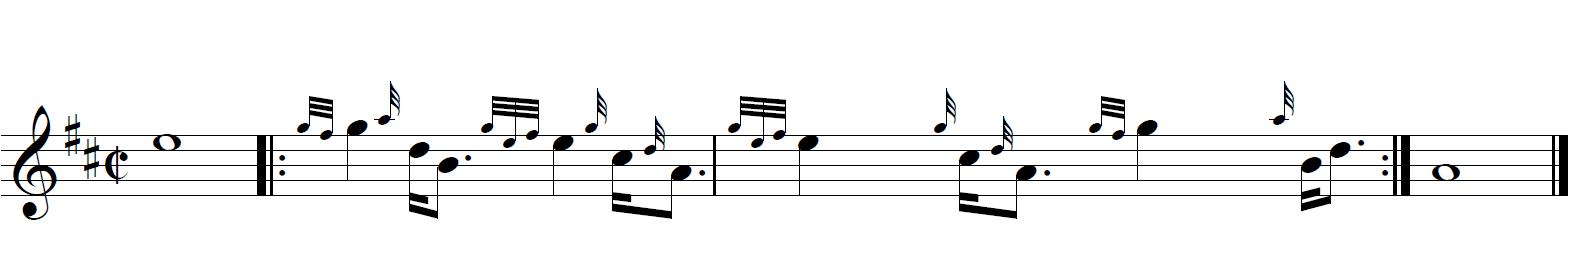 Intermediate exercise 58